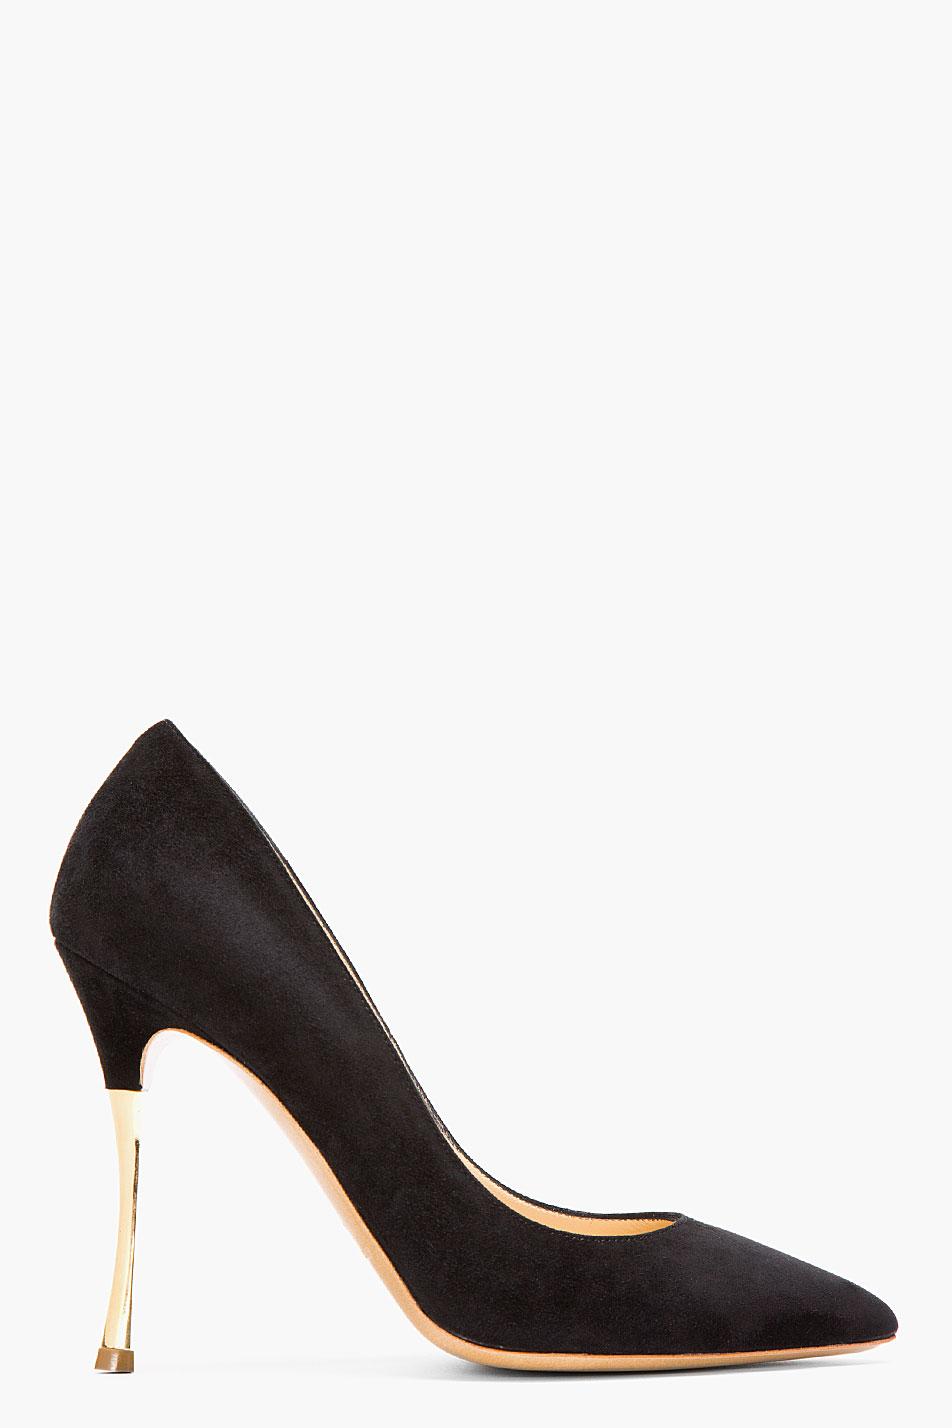 Cheap High Heels For Women 2017 | Tsaa Heel - Part 235